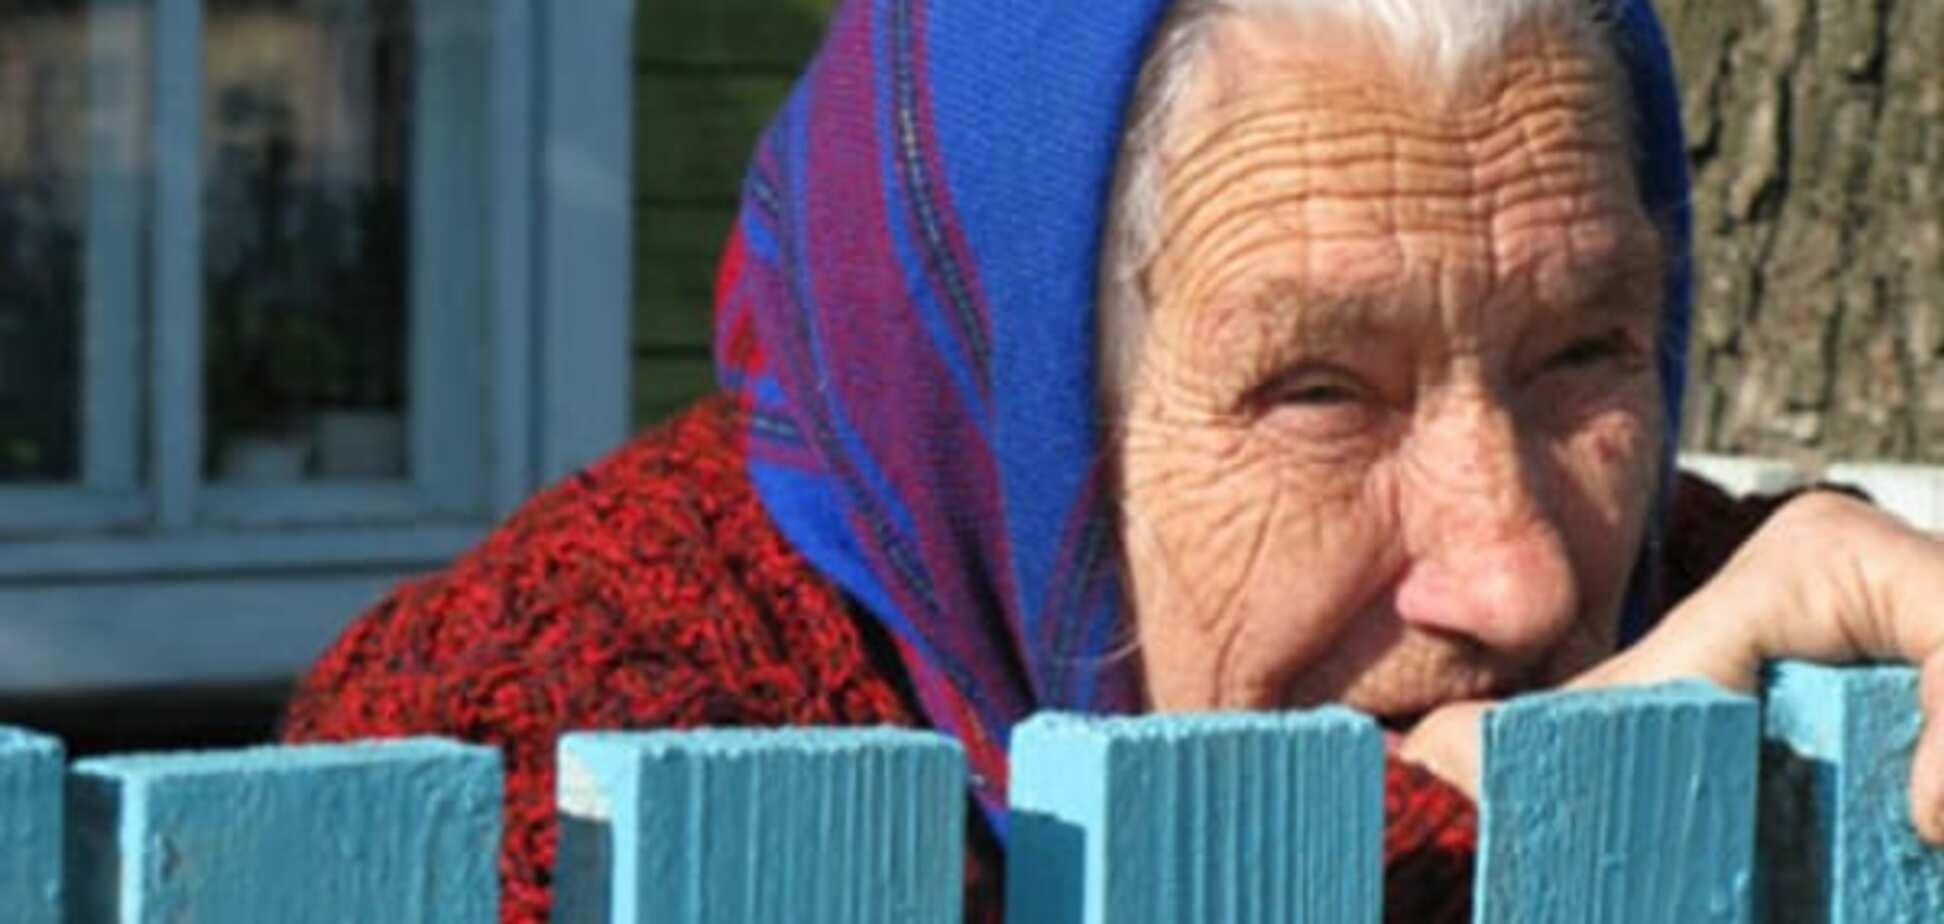 Виплата пенсій в Україні може опинитися під загрозою - нардеп Кірш